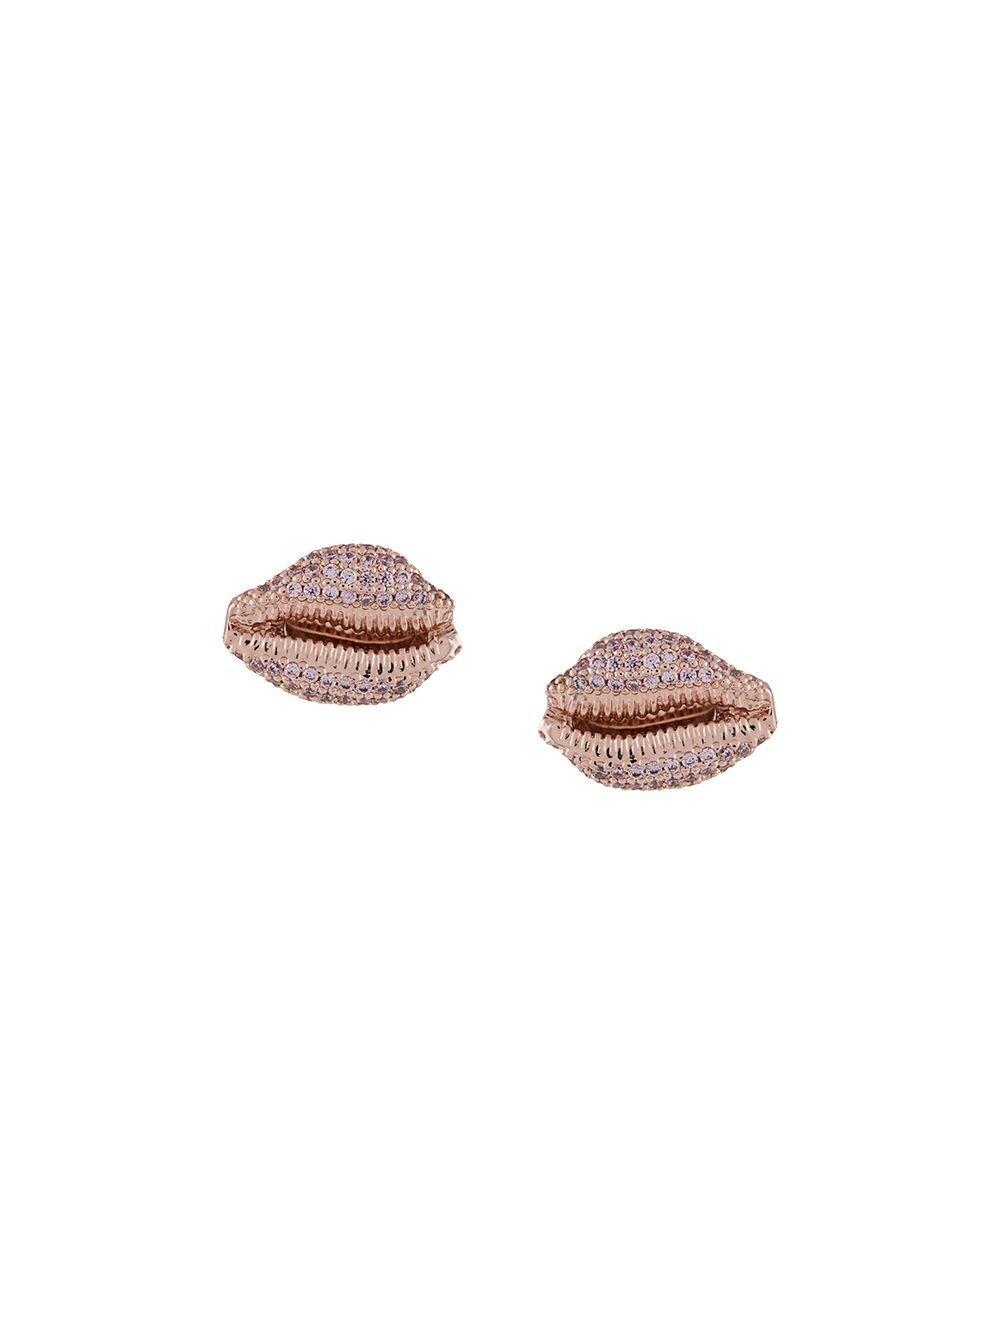 VIVIENNE WESTWOOD WOMEN'S 62010175G109SMG109 PINK METAL EARRINGS